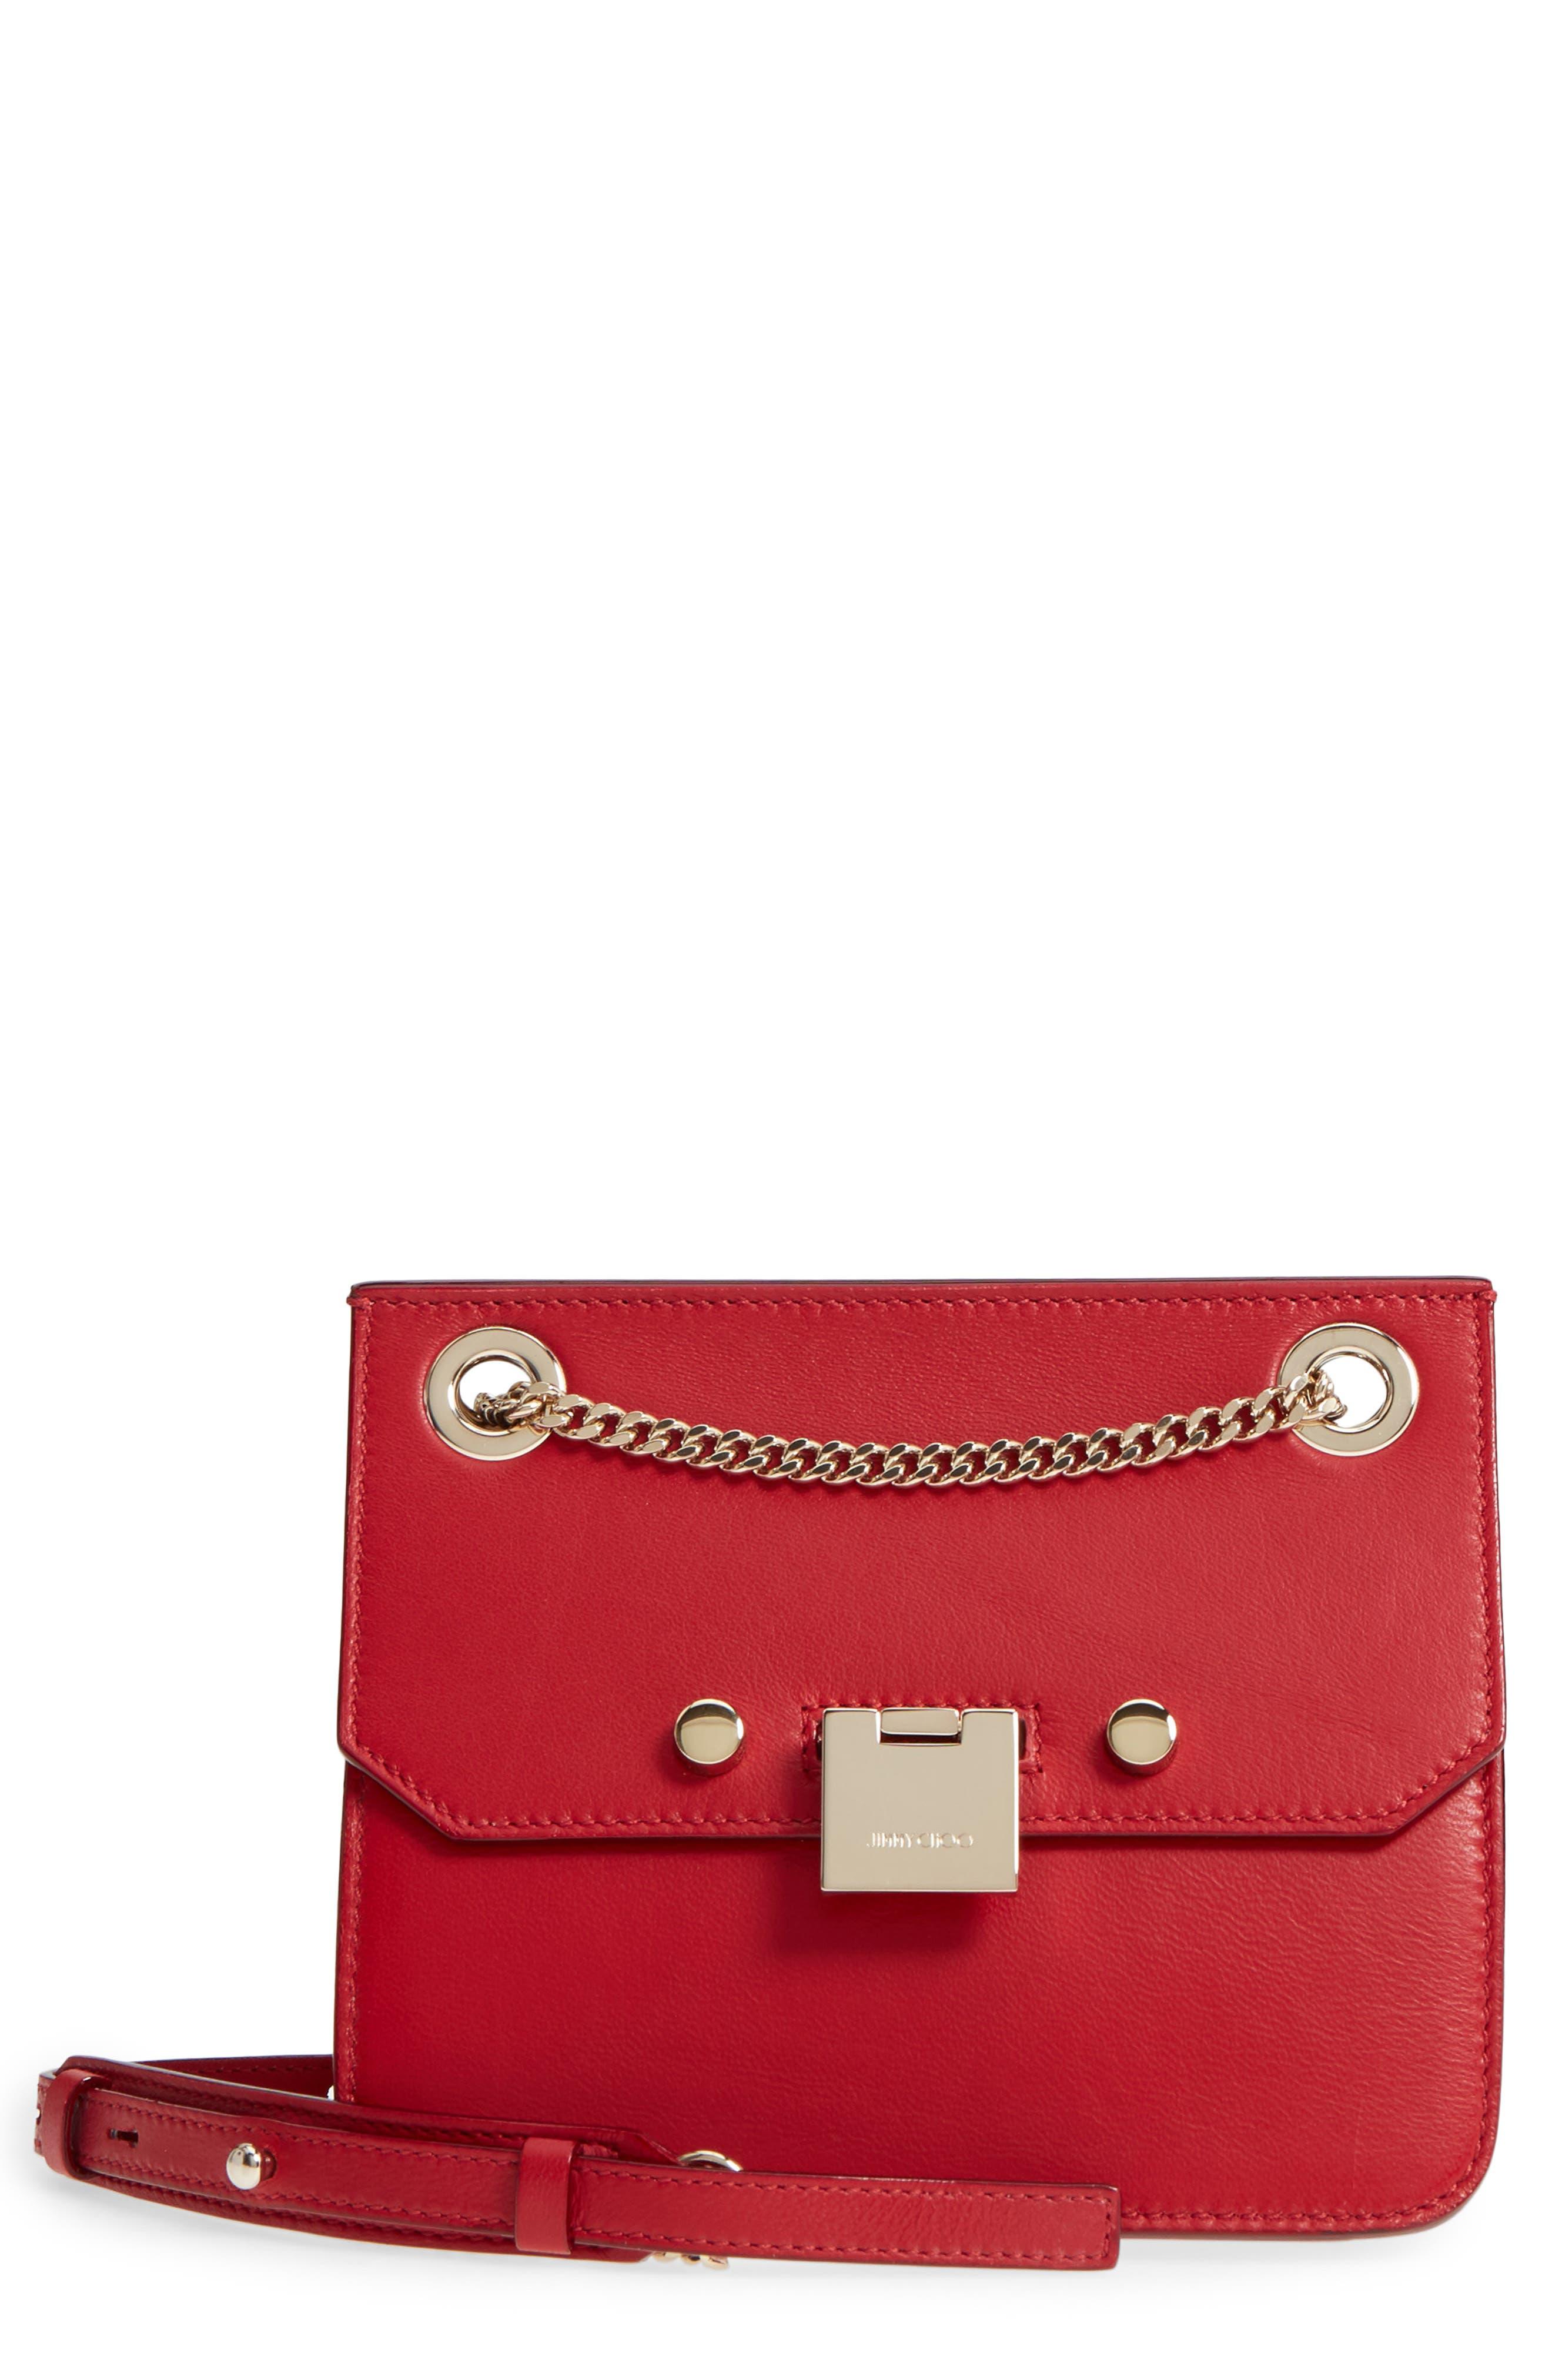 Rebel Mini Colorblock Leather Crossbody Bag,                         Main,                         color, Red/ Rosewater